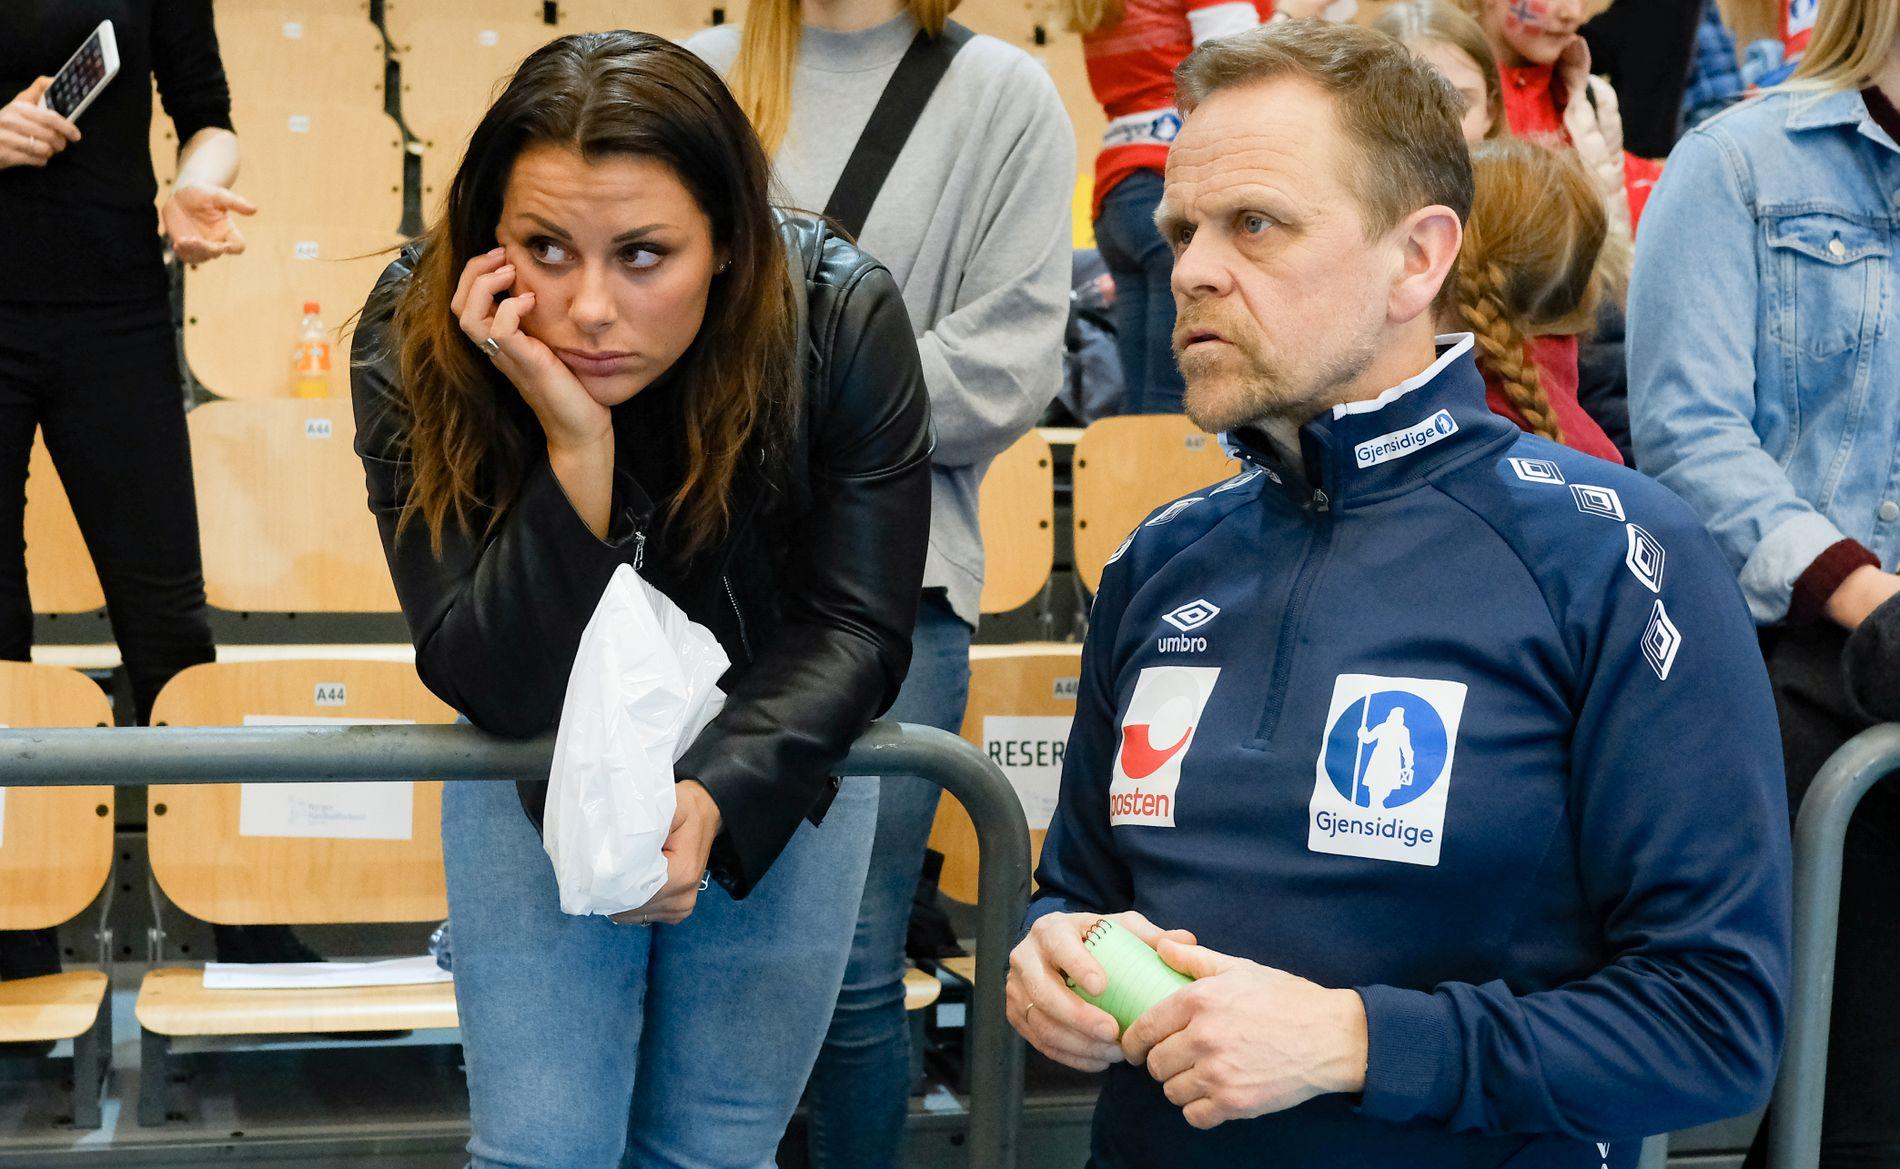 PÅ SIDELINJEN: Nora Mørk ble kneskadet i februar. Nå er hun snart tilbake på banen, men landslagssjef Thorir Hergeirsson tviler sterkt på om det blir EM på Mørk i desember. Her er de sammen etter Norges EM-kvalik mot Kroatia i mars.